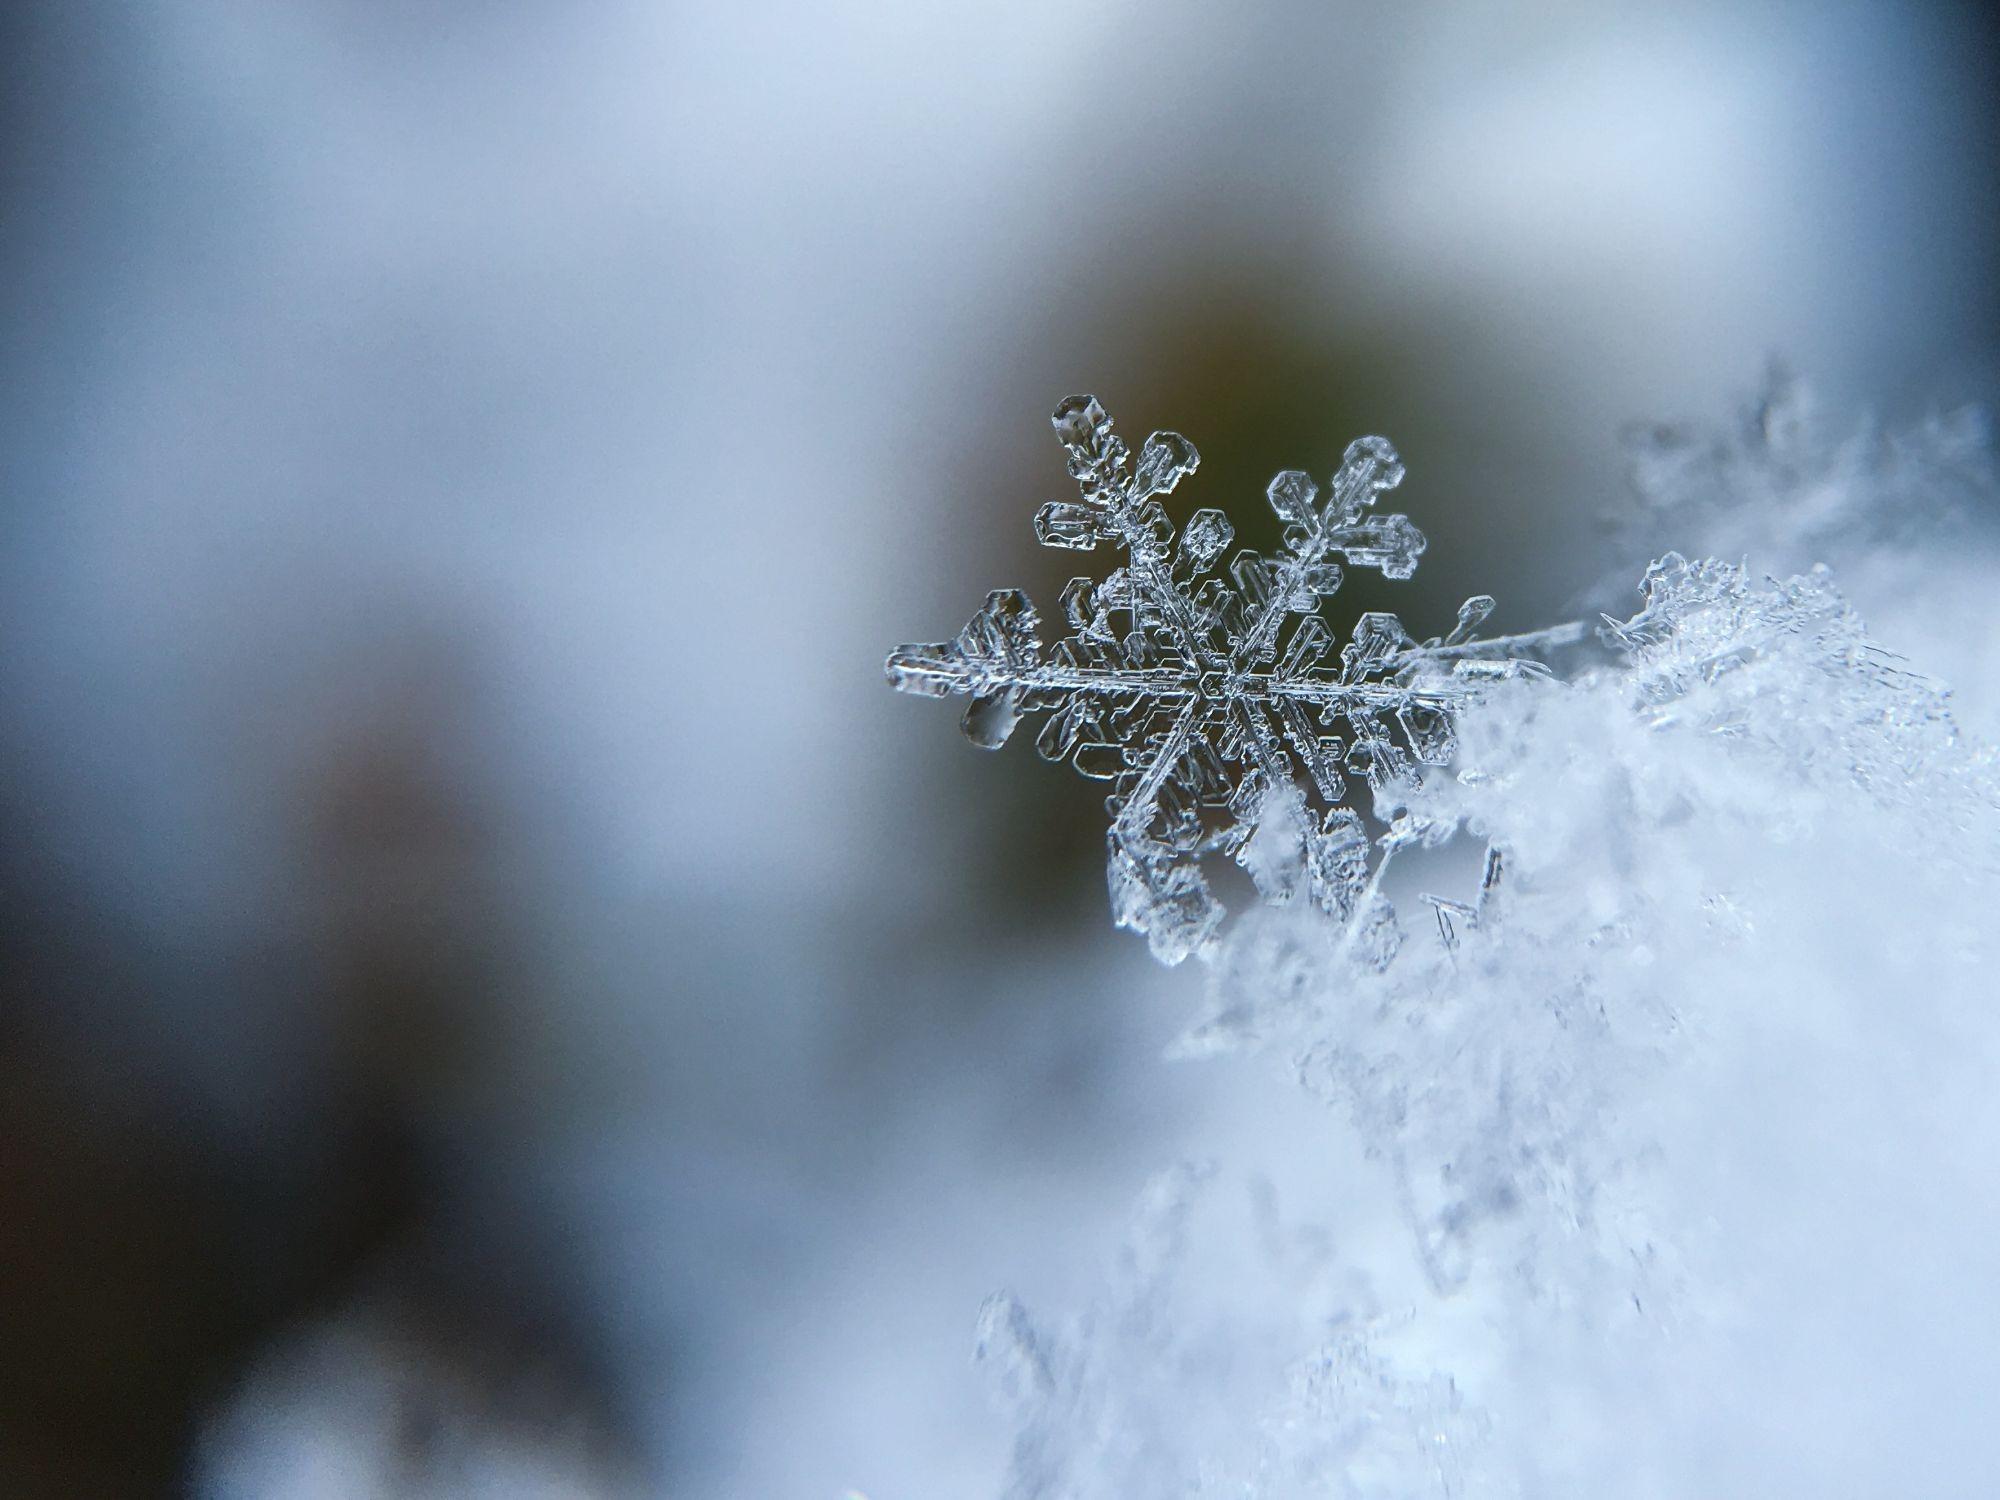 snowflake-1245748-1609861422.jpg